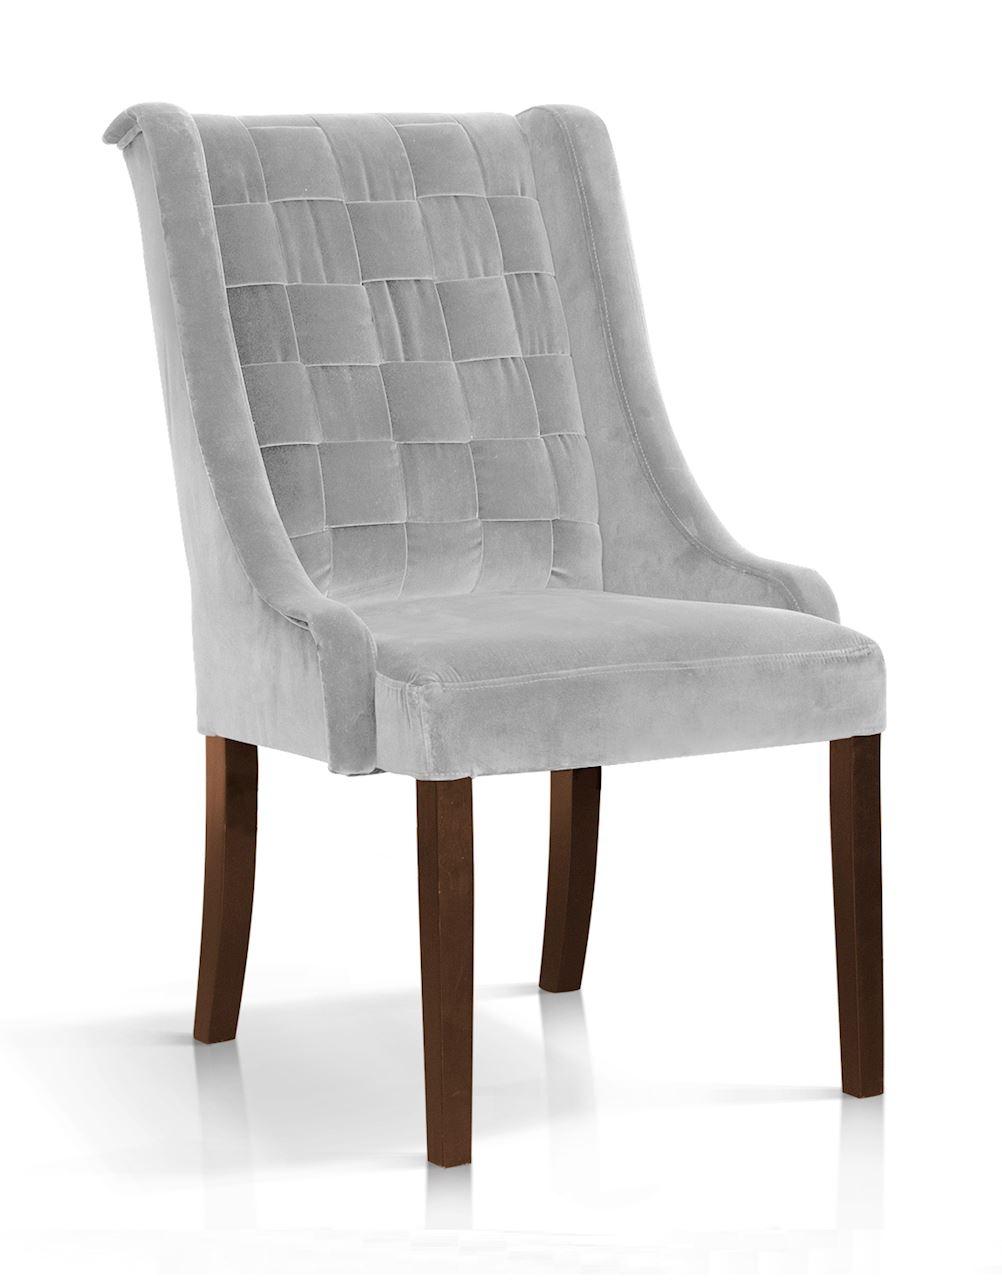 Scaun tapitat cu stofa, cu picioare din lemn Prince Argintiu / Nuc, l55xA70xH105 cm